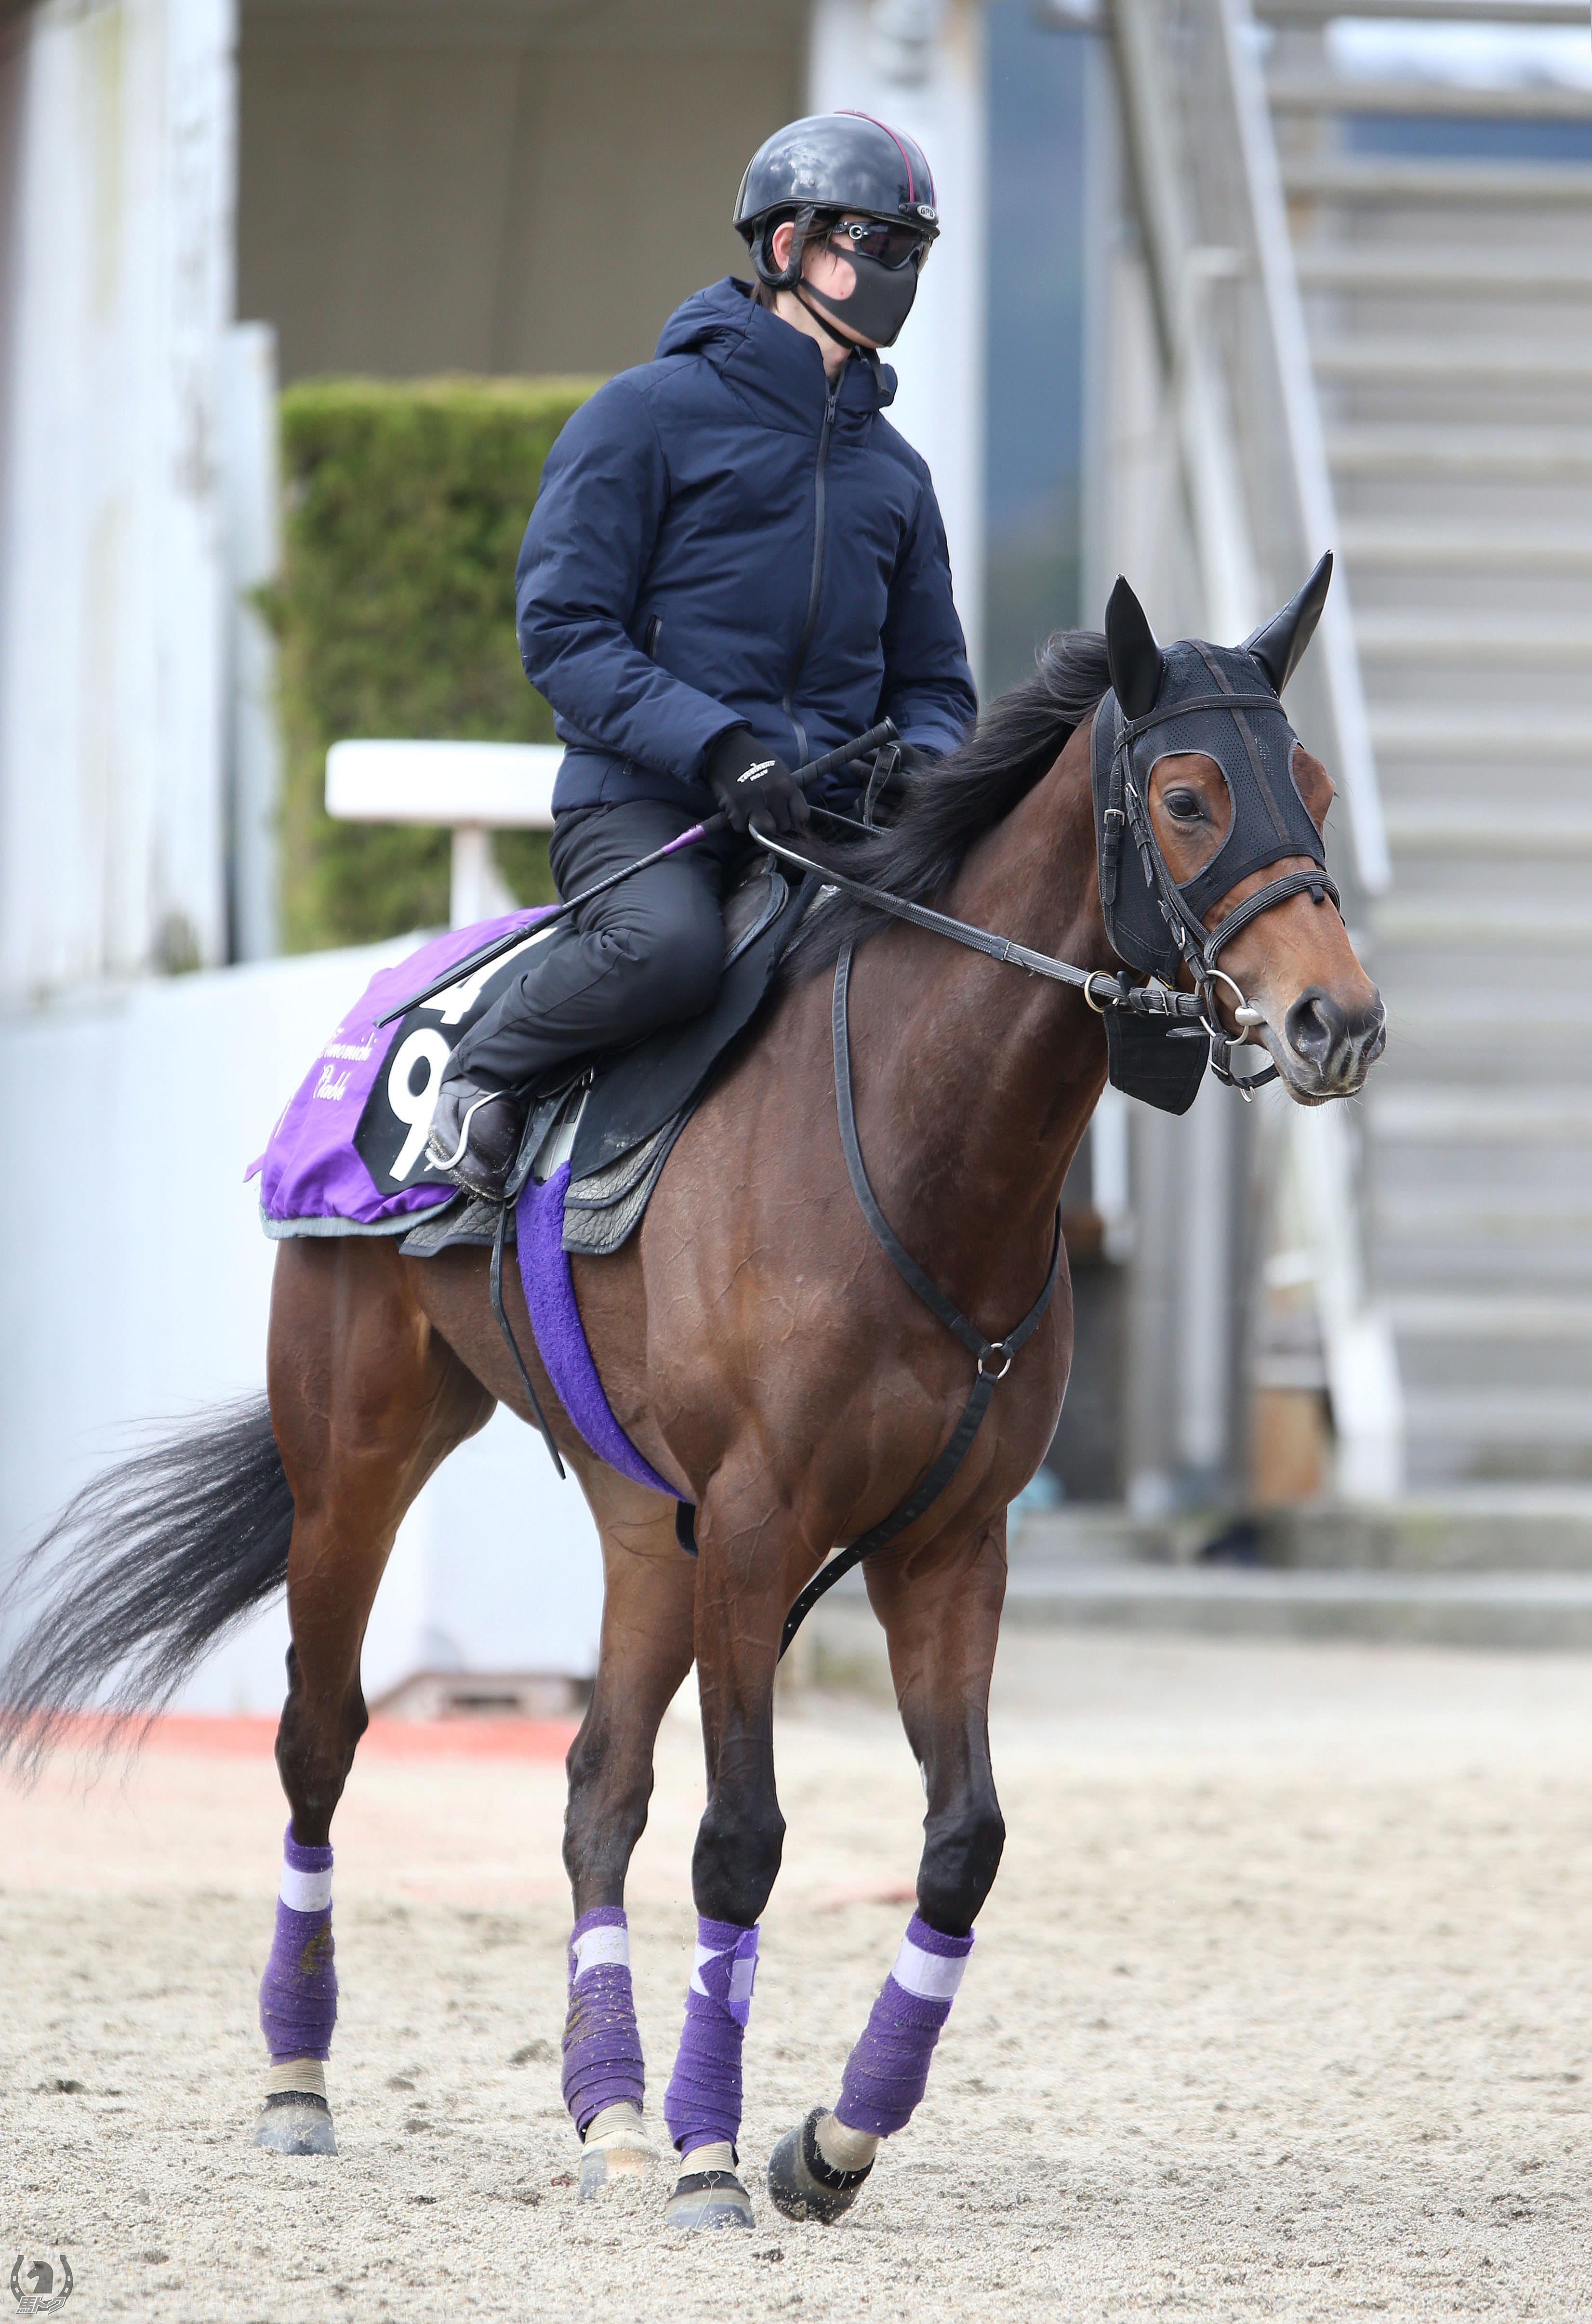 シャドウエリスの馬体写真